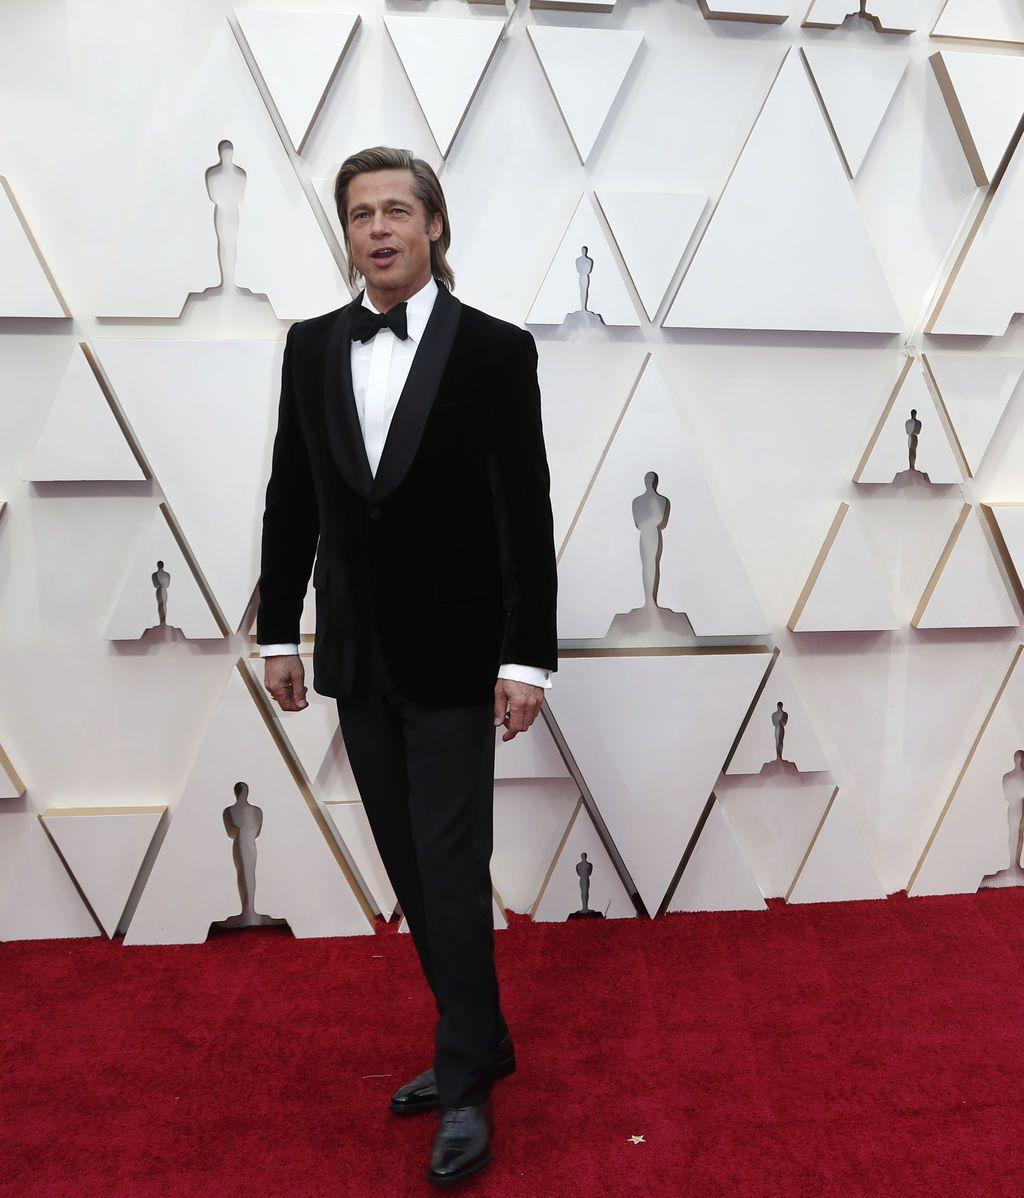 Brad Pitt posa en la alfombra roja de los Premios Óscar 2020